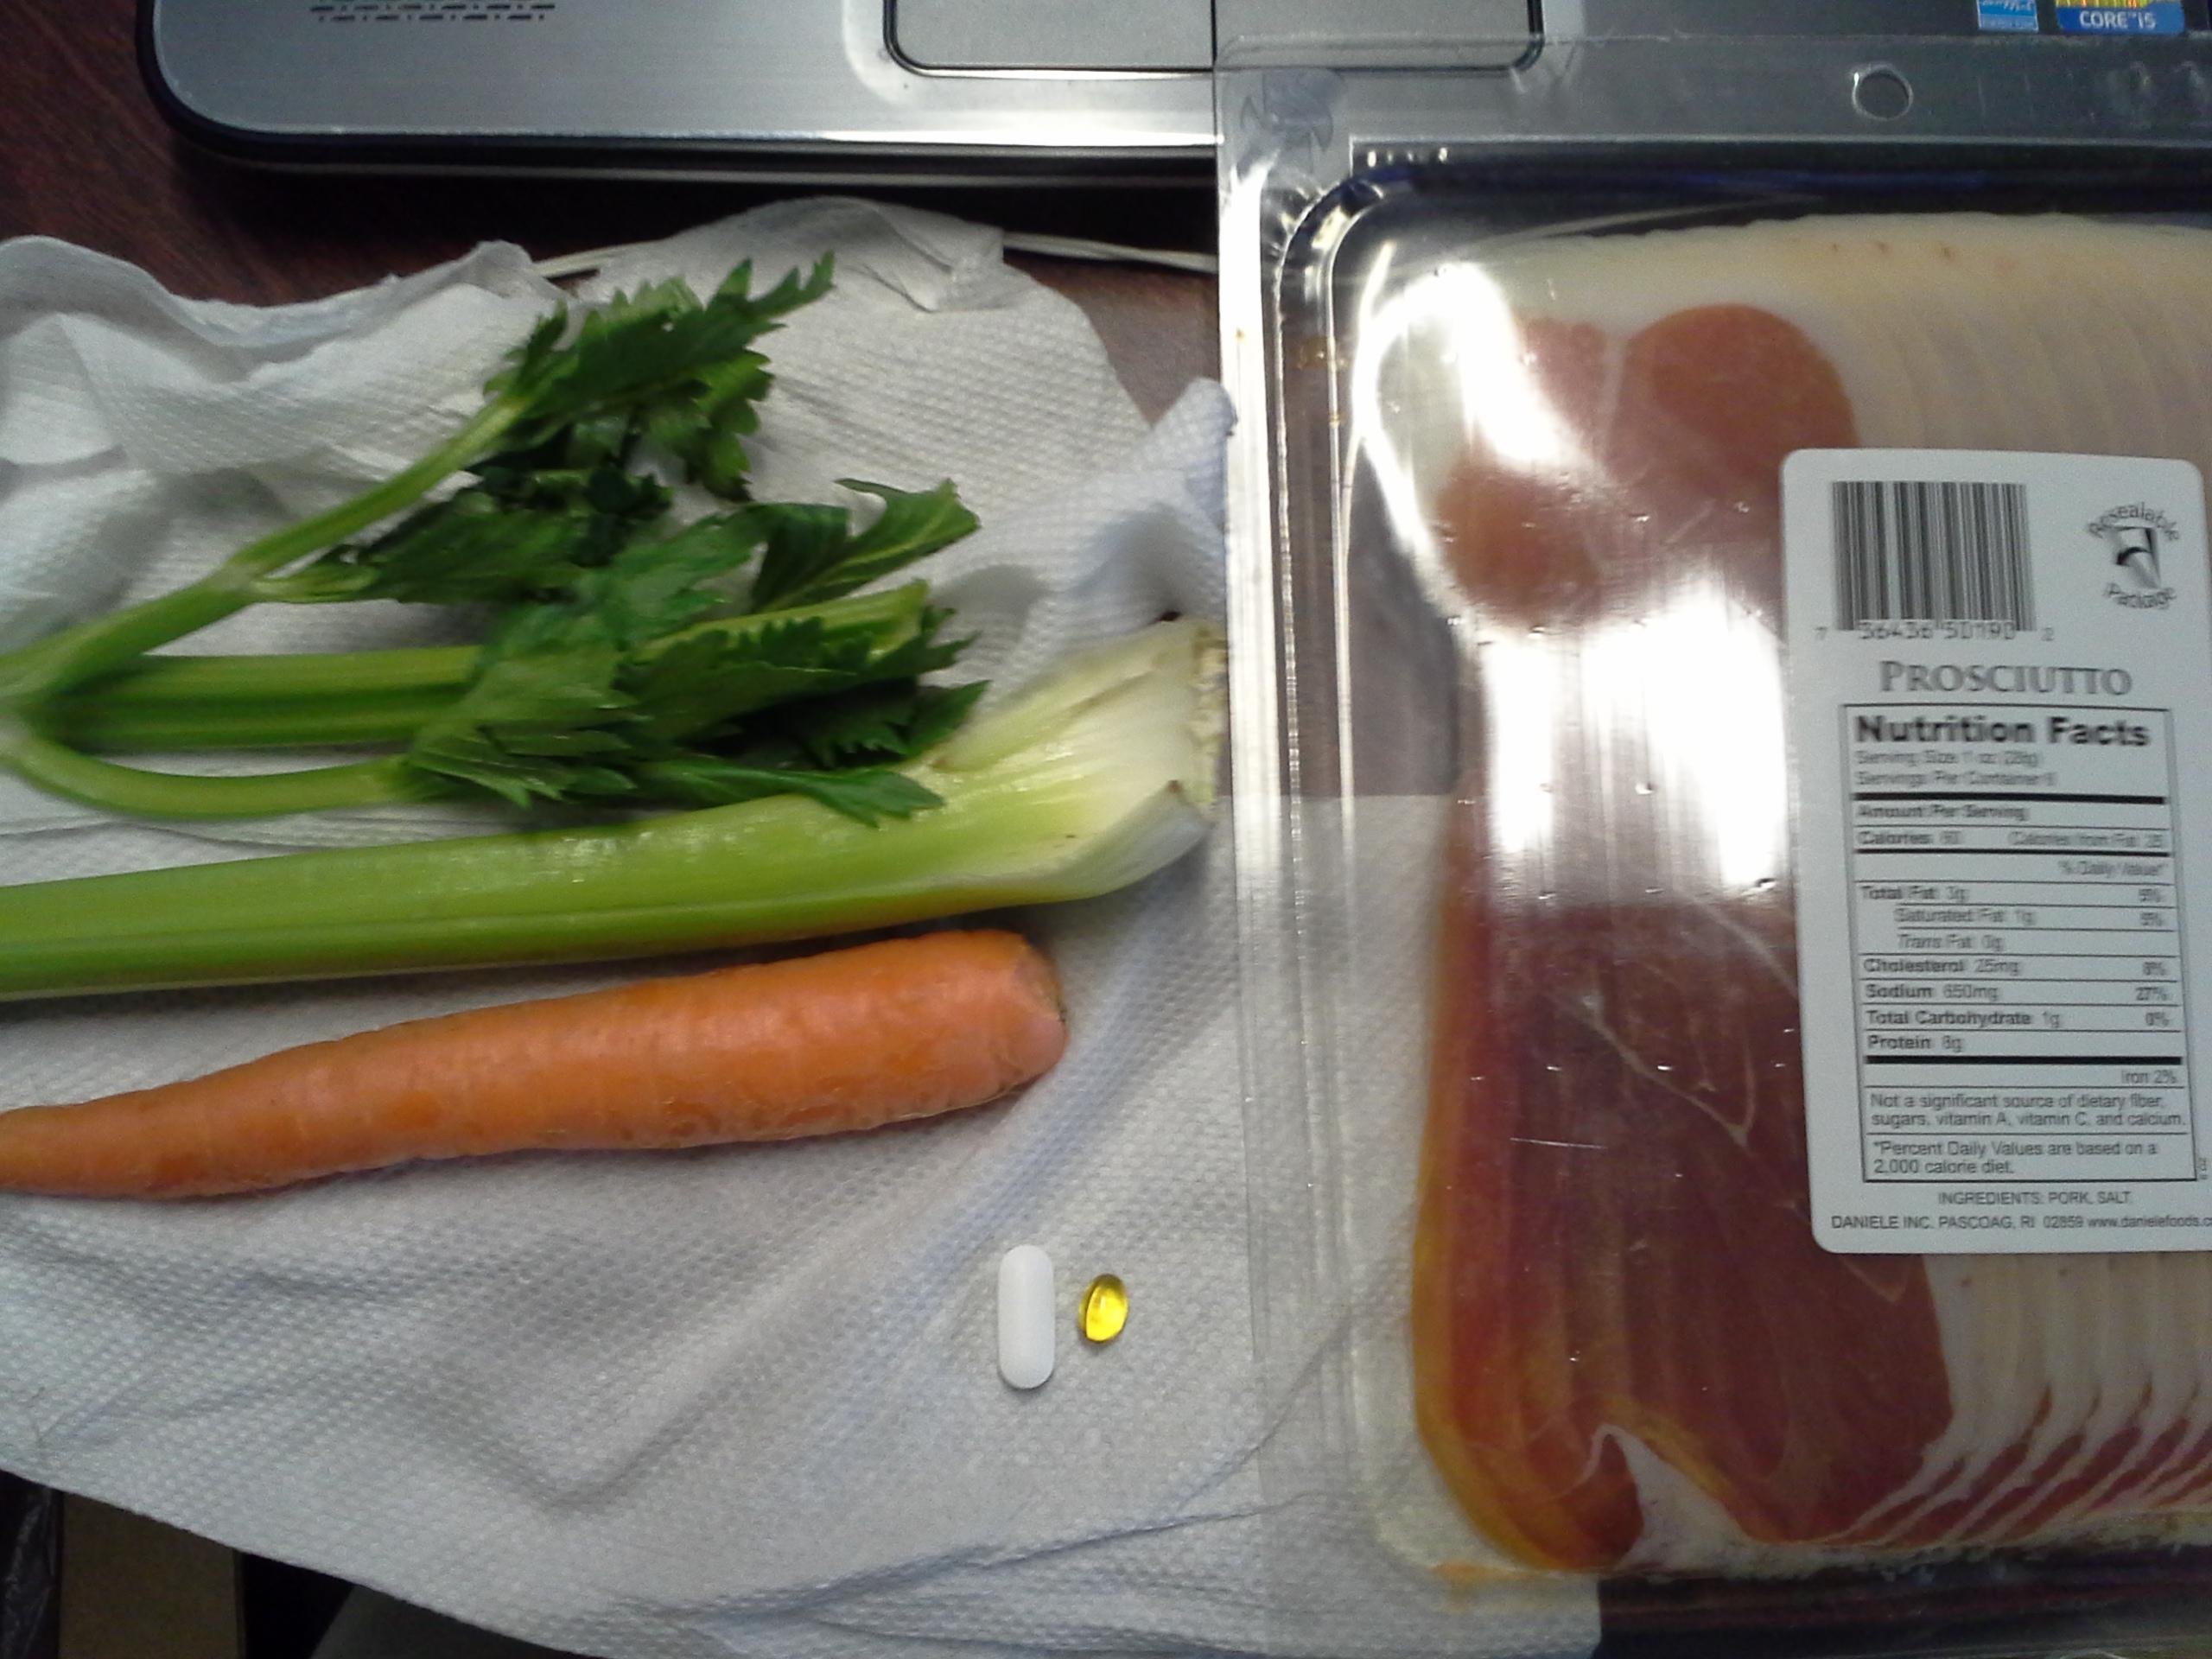 Lunch: 4:00 p.m. | 6 oz. prosciutto, 1 carrot, 1 stalk celery, 5,000 IU Vitamin D capsule, Calcium/Magnesium/Zinc caplet